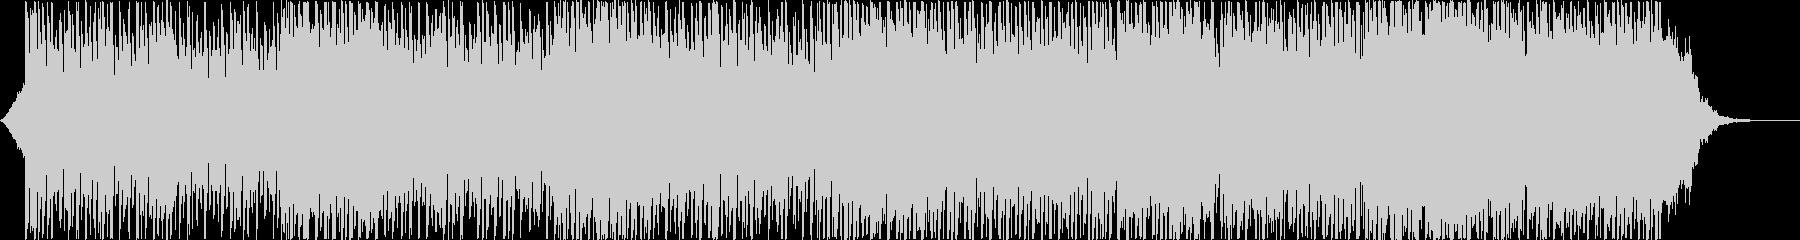 ピアノとシンセパッドのミディアムハウスの未再生の波形